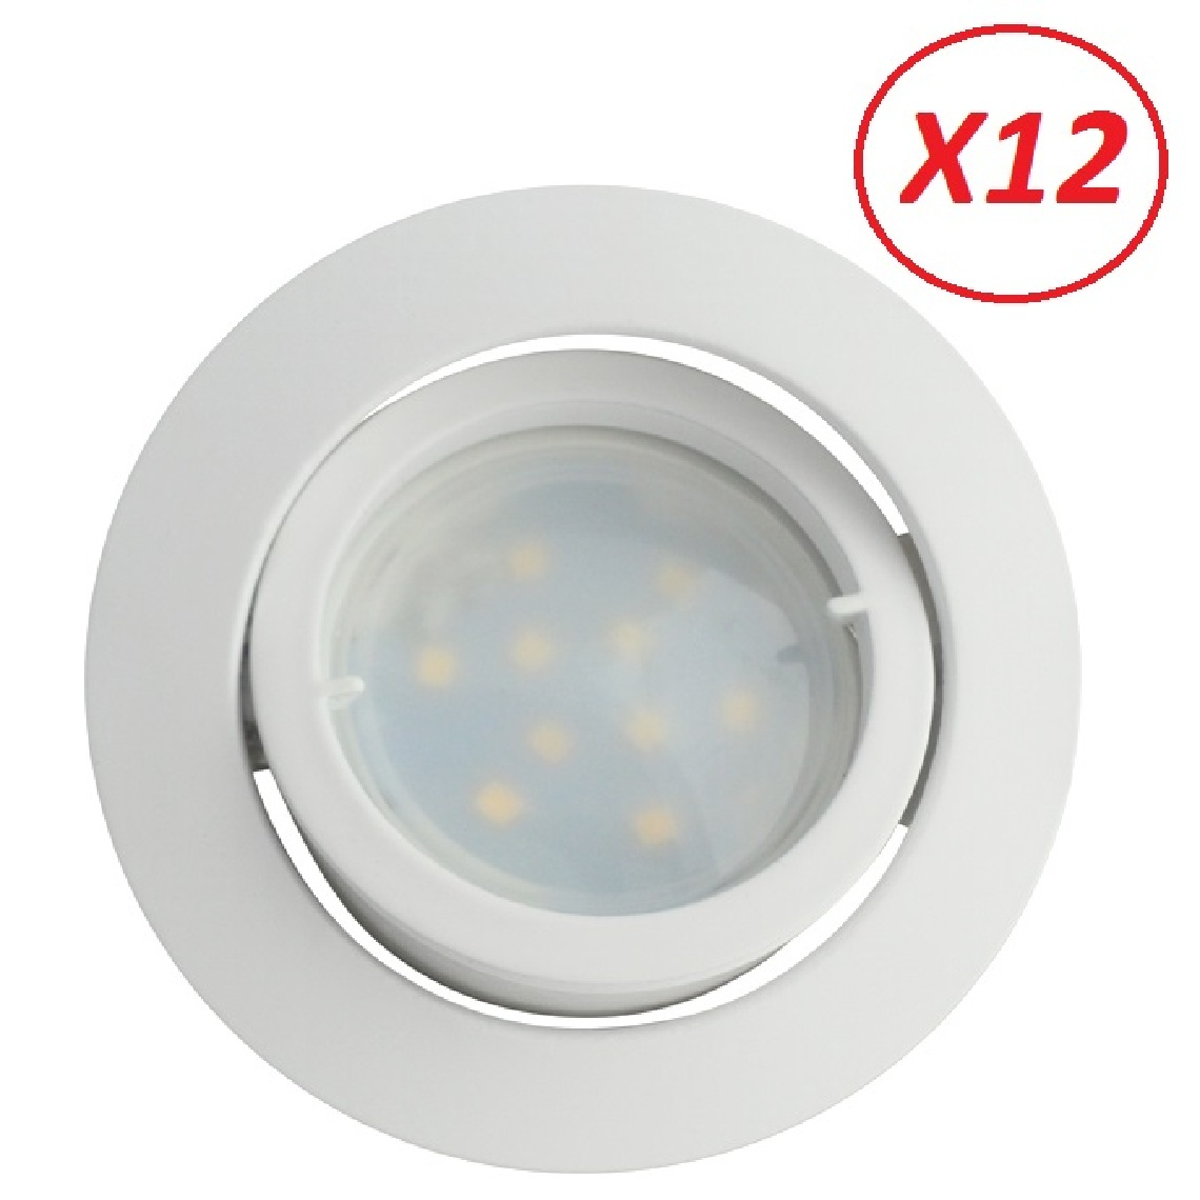 Lampesecoenergie Lot de 12 Spot Led Encastrable Complete Blanc Orientable lumière Blanc Neutre eq. 50W ref.888